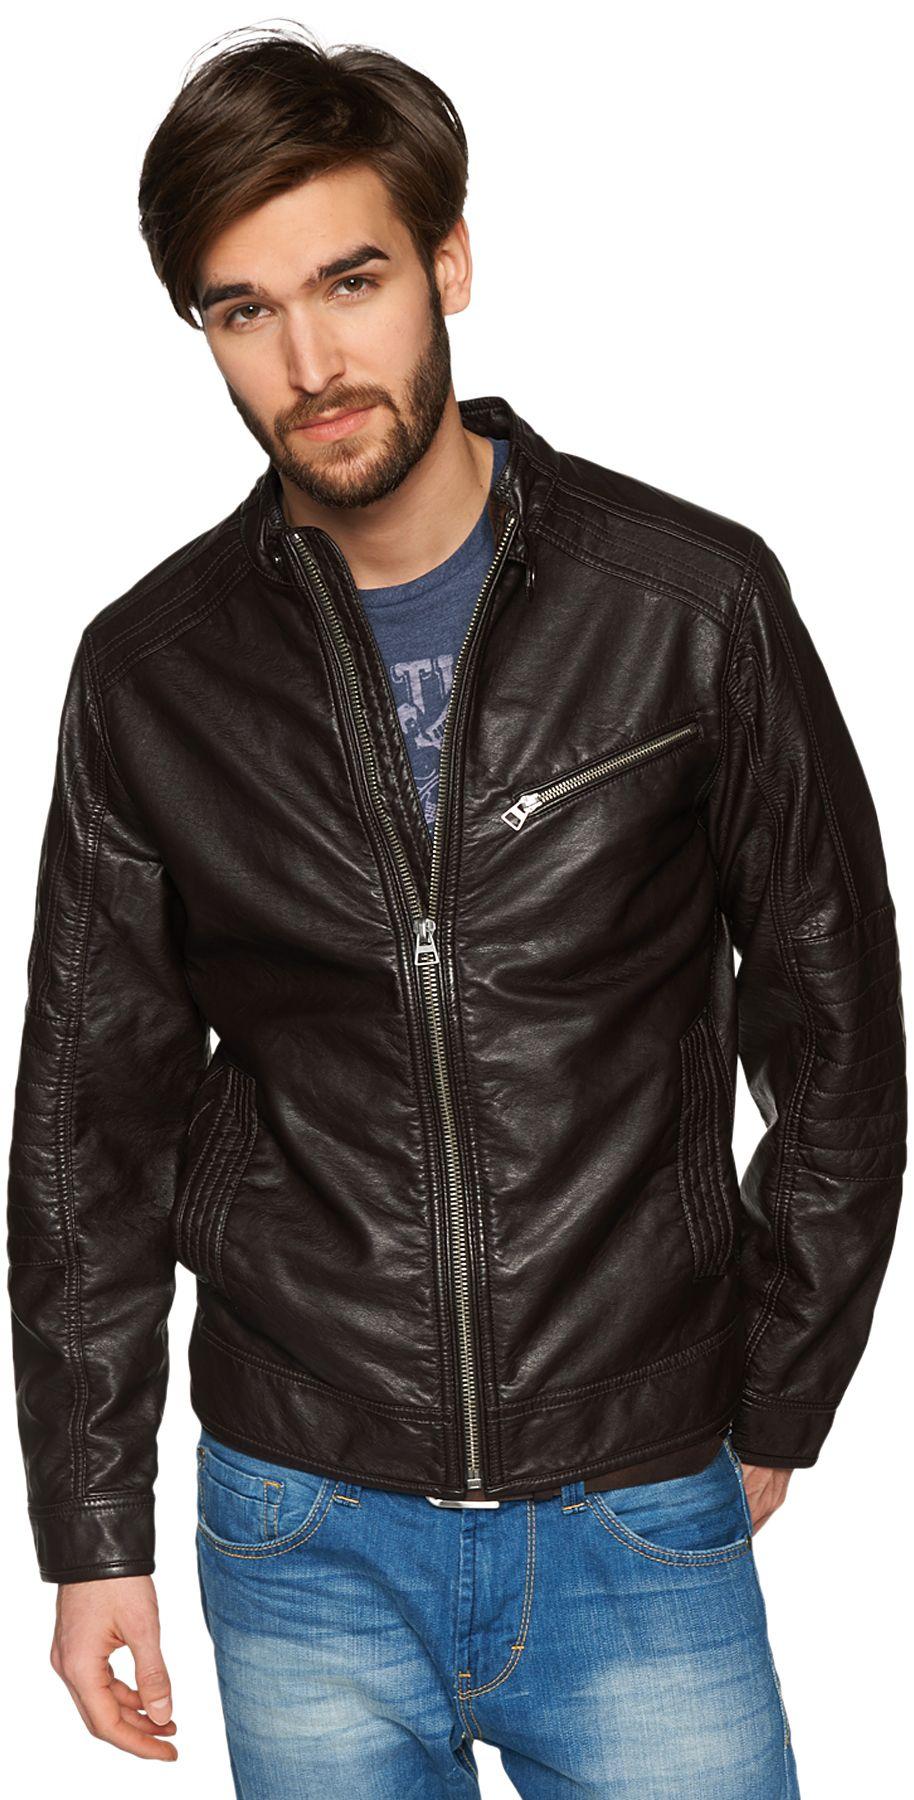 tom tailor lederjacke fake leather jacket schwab versand kunstlederjacken. Black Bedroom Furniture Sets. Home Design Ideas